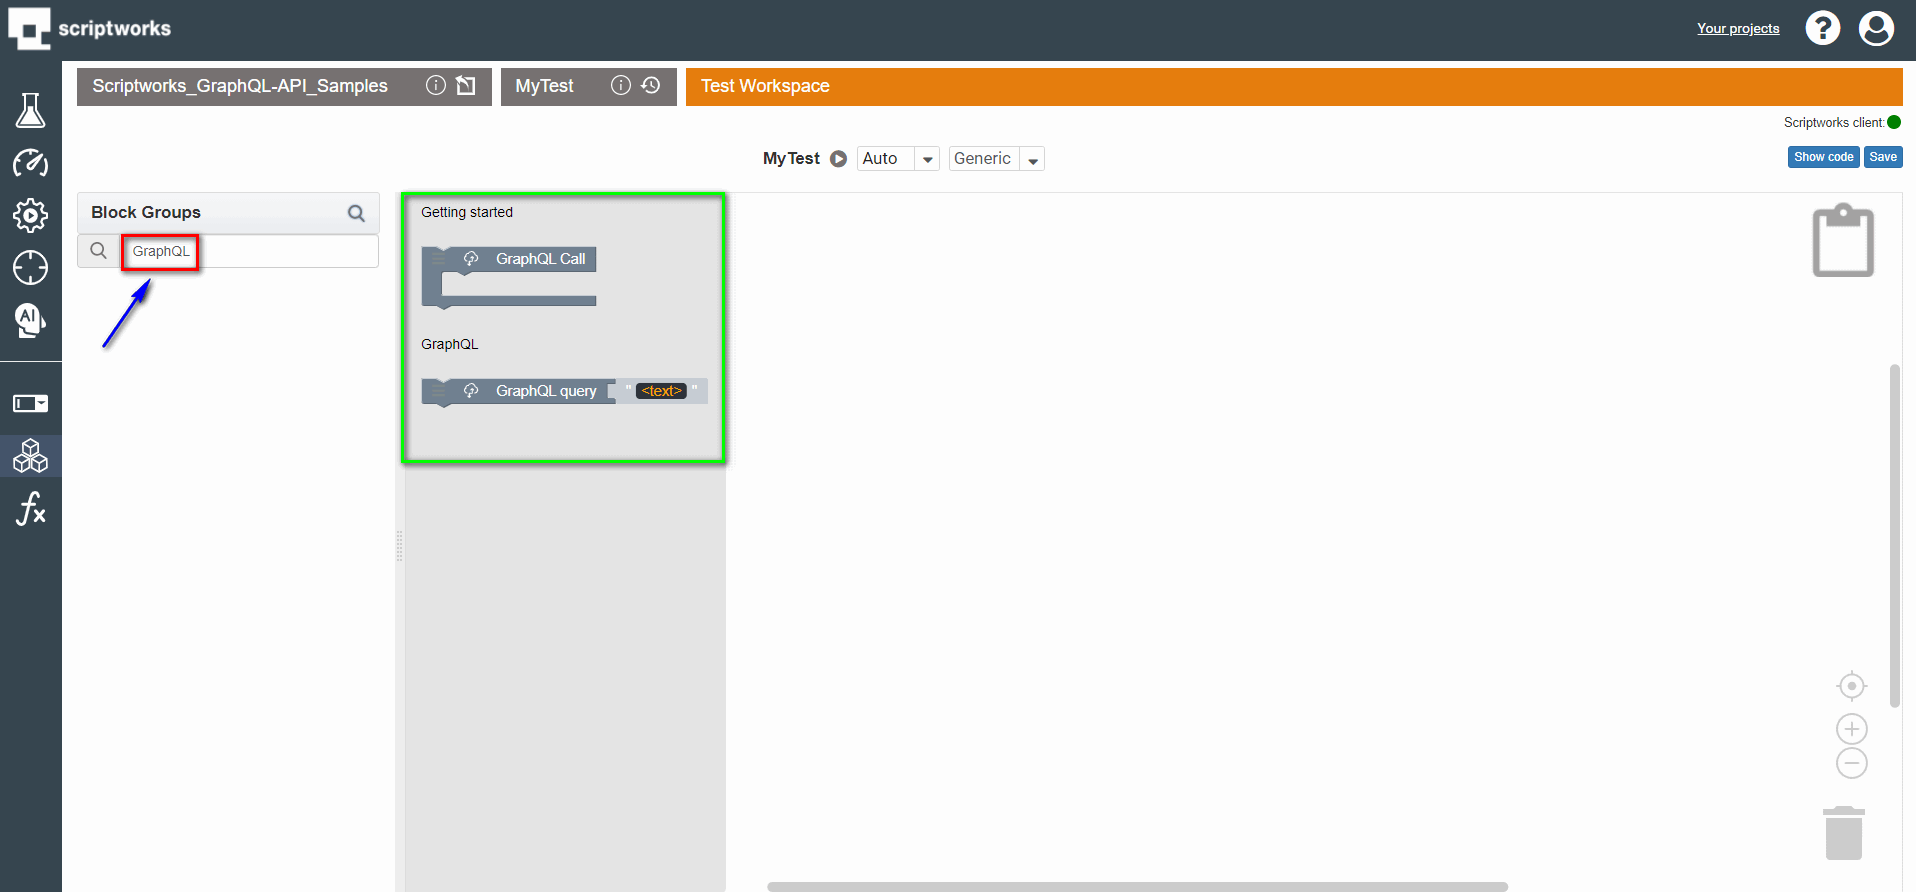 search graphql in search box